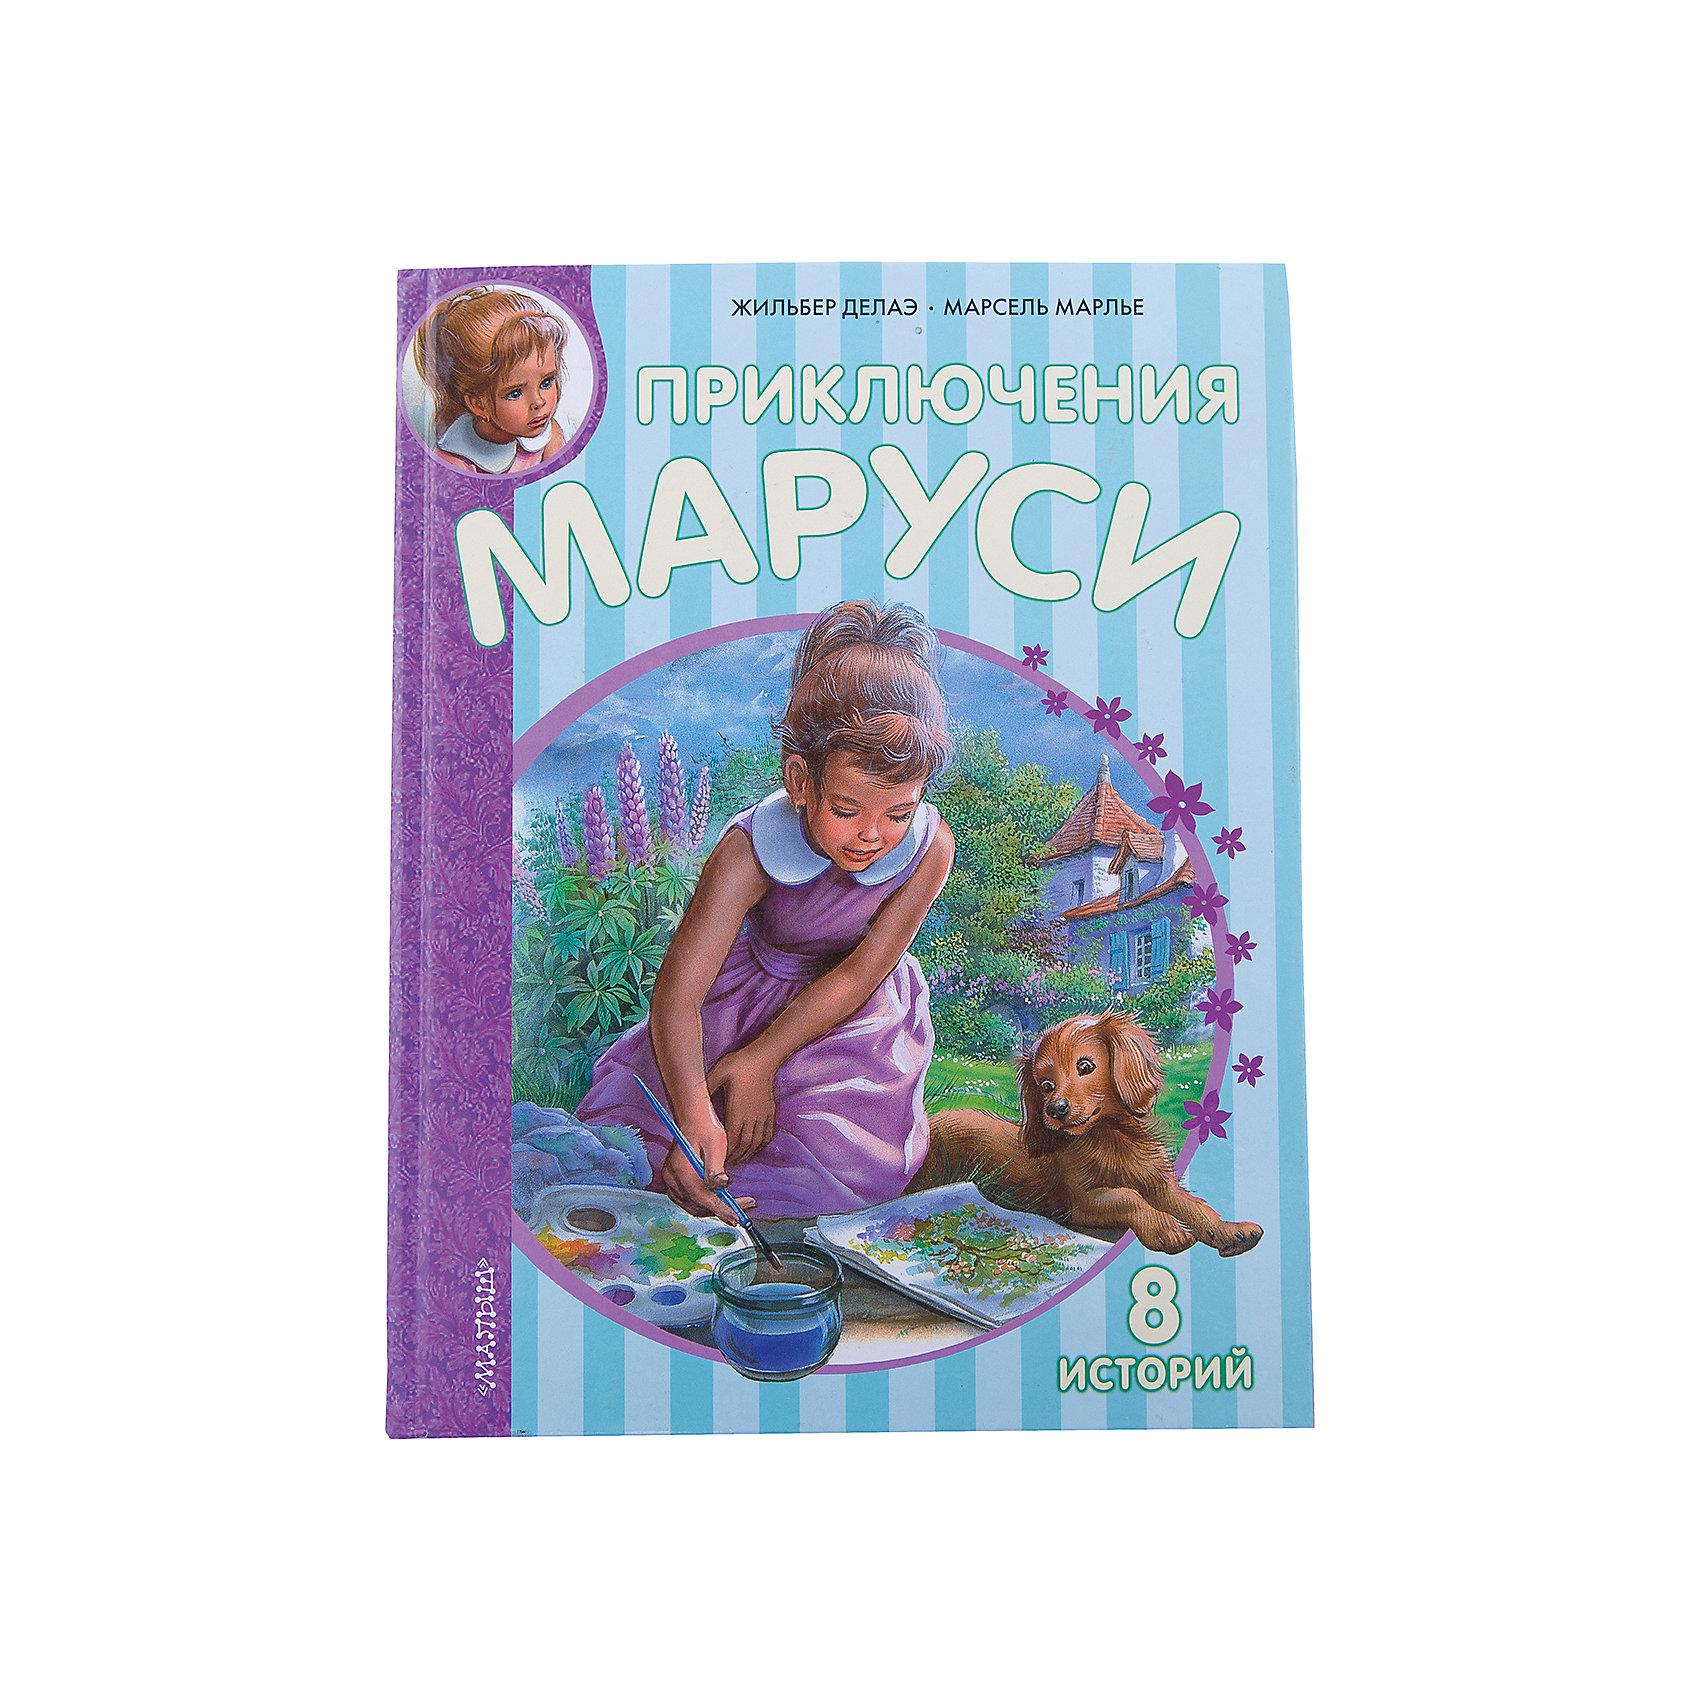 Приключения Маруси, Ж.Делаэ, М. МарльеРассказы и повести<br>Приключения Маруси, Ж.Делаэ, М. Марлье – это книга красочно иллюстрированная книга о приключениях маленькой девочки.<br>Книга «Приключения Маруси» Жильбера Делаэ и Марселя Марлье поможет родителям простыми словами объяснить детям самые обычные, и, казалось бы, очевидные вещи: почему важно учиться и помогать маме, как весело отдыхать в деревне у бабушки даже без мамы с папой, как подружиться с животными, как не бояться ходить в школу… Взрослым читателям книга принесёт эстетическое удовольствие от просмотра иллюстраций талантливого французского художника. Книги об этой весёлой и умной девочке переведены на 30 иностранных языков. Общий тираж книг более 100 млн. экз. А ещё про неё снимают мультфильмы, которые с успехом идут как в России, так и за рубежом! Для младшего школьного возраста.<br><br>Дополнительная информация:<br><br>- В книгу входят 8 историй: В магазине, В школе поваров, На даче, В зоопарке, У бабушки, На карнавале, На занятиях, После уроков<br>- Автор: Делаэ Жильбер<br>- Художник: Марлье Марсель<br>- Переводчик: Мавлевич Н.<br>- Издательство: АСТ, 2015 г.<br>- Тип обложки: 7Бц - твердая, целлофанированная (или лакированная)<br>- Иллюстрации: цветные<br>- Страниц: 160 (мелованная)<br>- Размер: 262x202x18 мм.<br>- Вес: 756 гр.<br><br>Книгу «Приключения Маруси», Ж.Делаэ, М. Марлье можно купить в нашем интернет-магазине.<br><br>Ширина мм: 197<br>Глубина мм: 10<br>Высота мм: 255<br>Вес г: 780<br>Возраст от месяцев: 84<br>Возраст до месяцев: 144<br>Пол: Унисекс<br>Возраст: Детский<br>SKU: 4282268